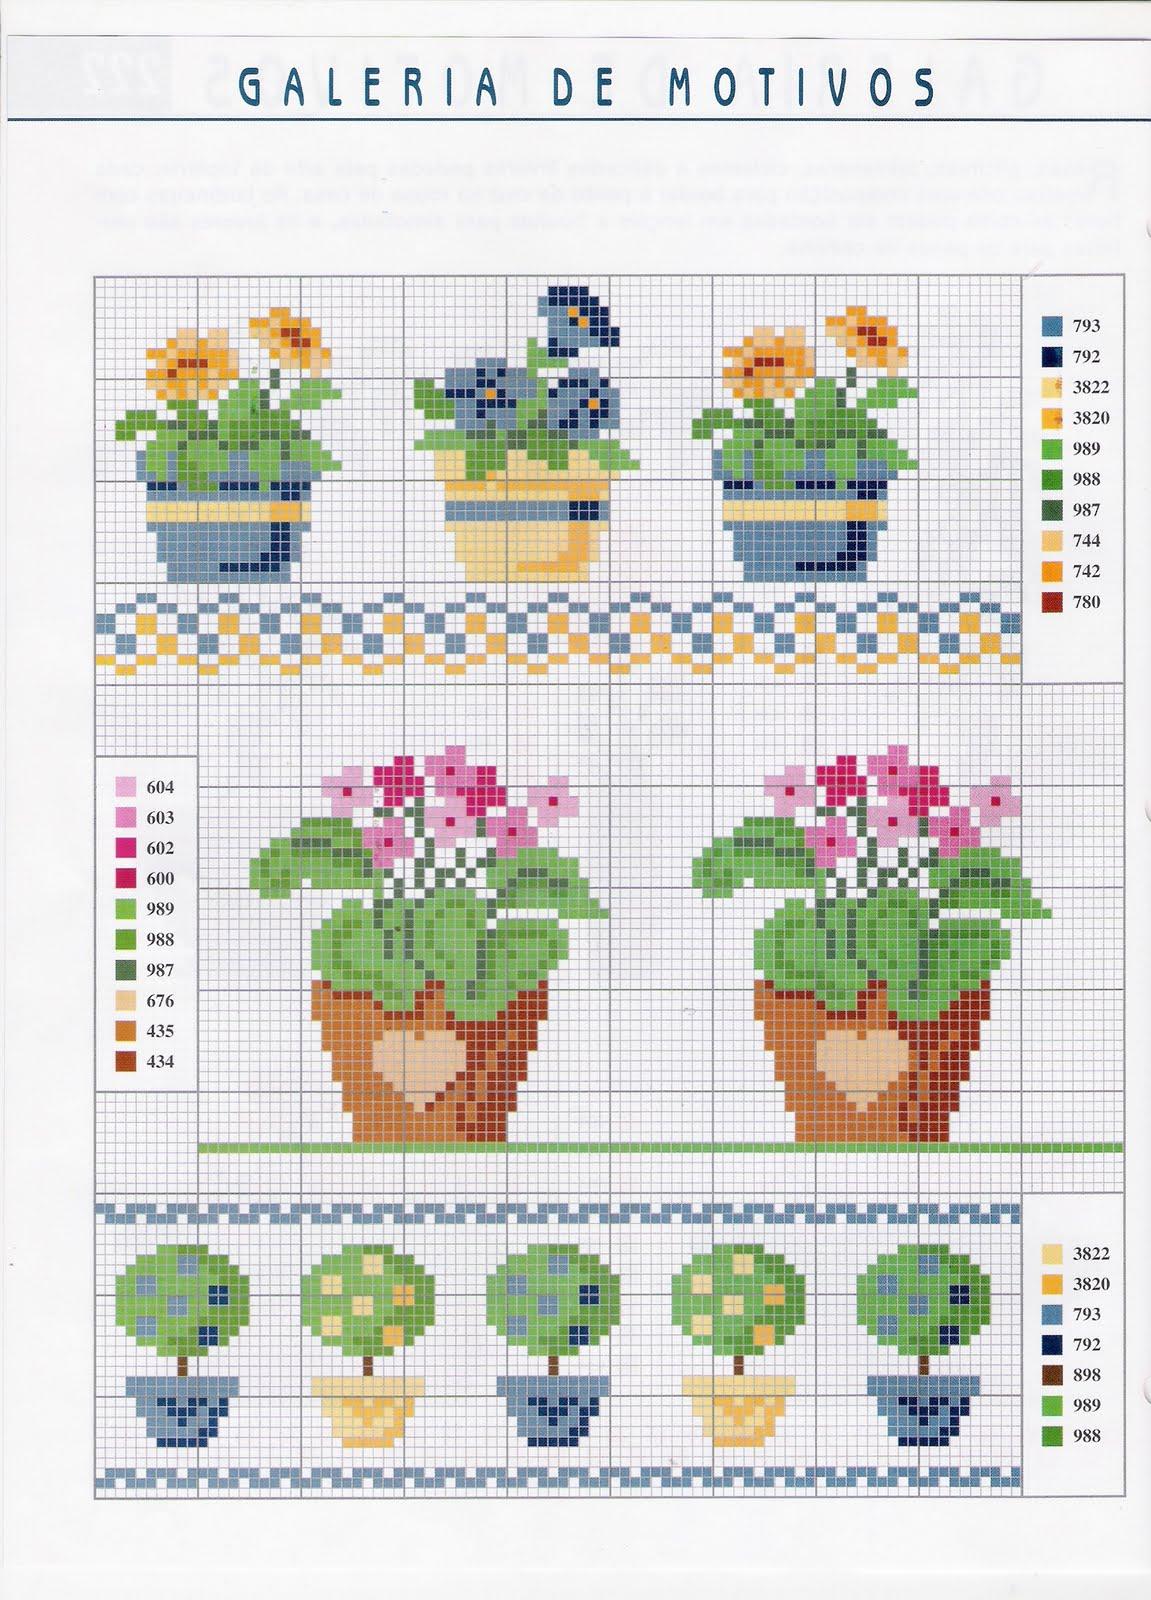 Imagens de Flores em vasos Imagens de Flores - Fotos De Vasos Com Flores